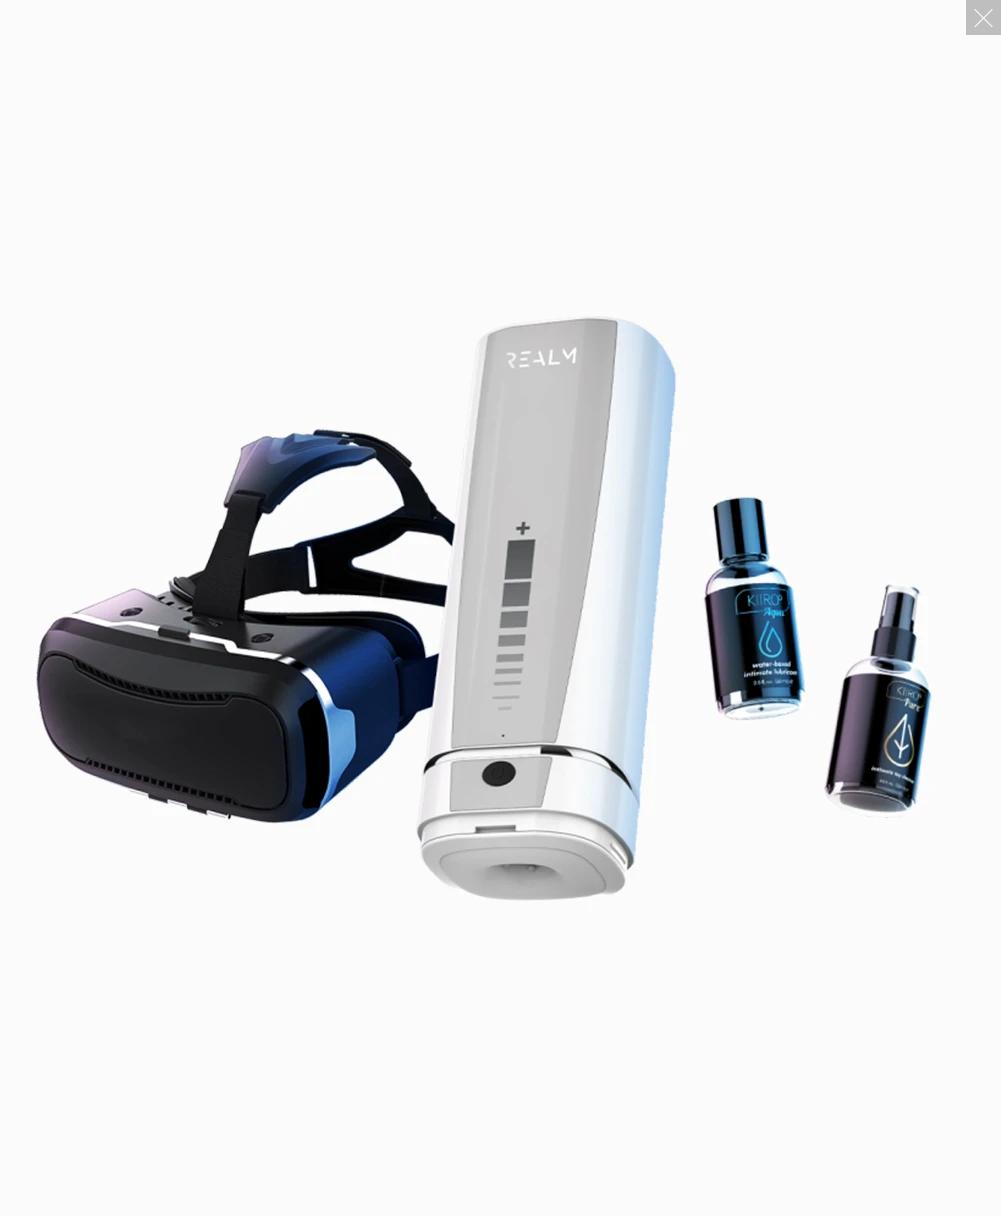 Kiiroo Onyx Plus Virtual Reality Sex Toy